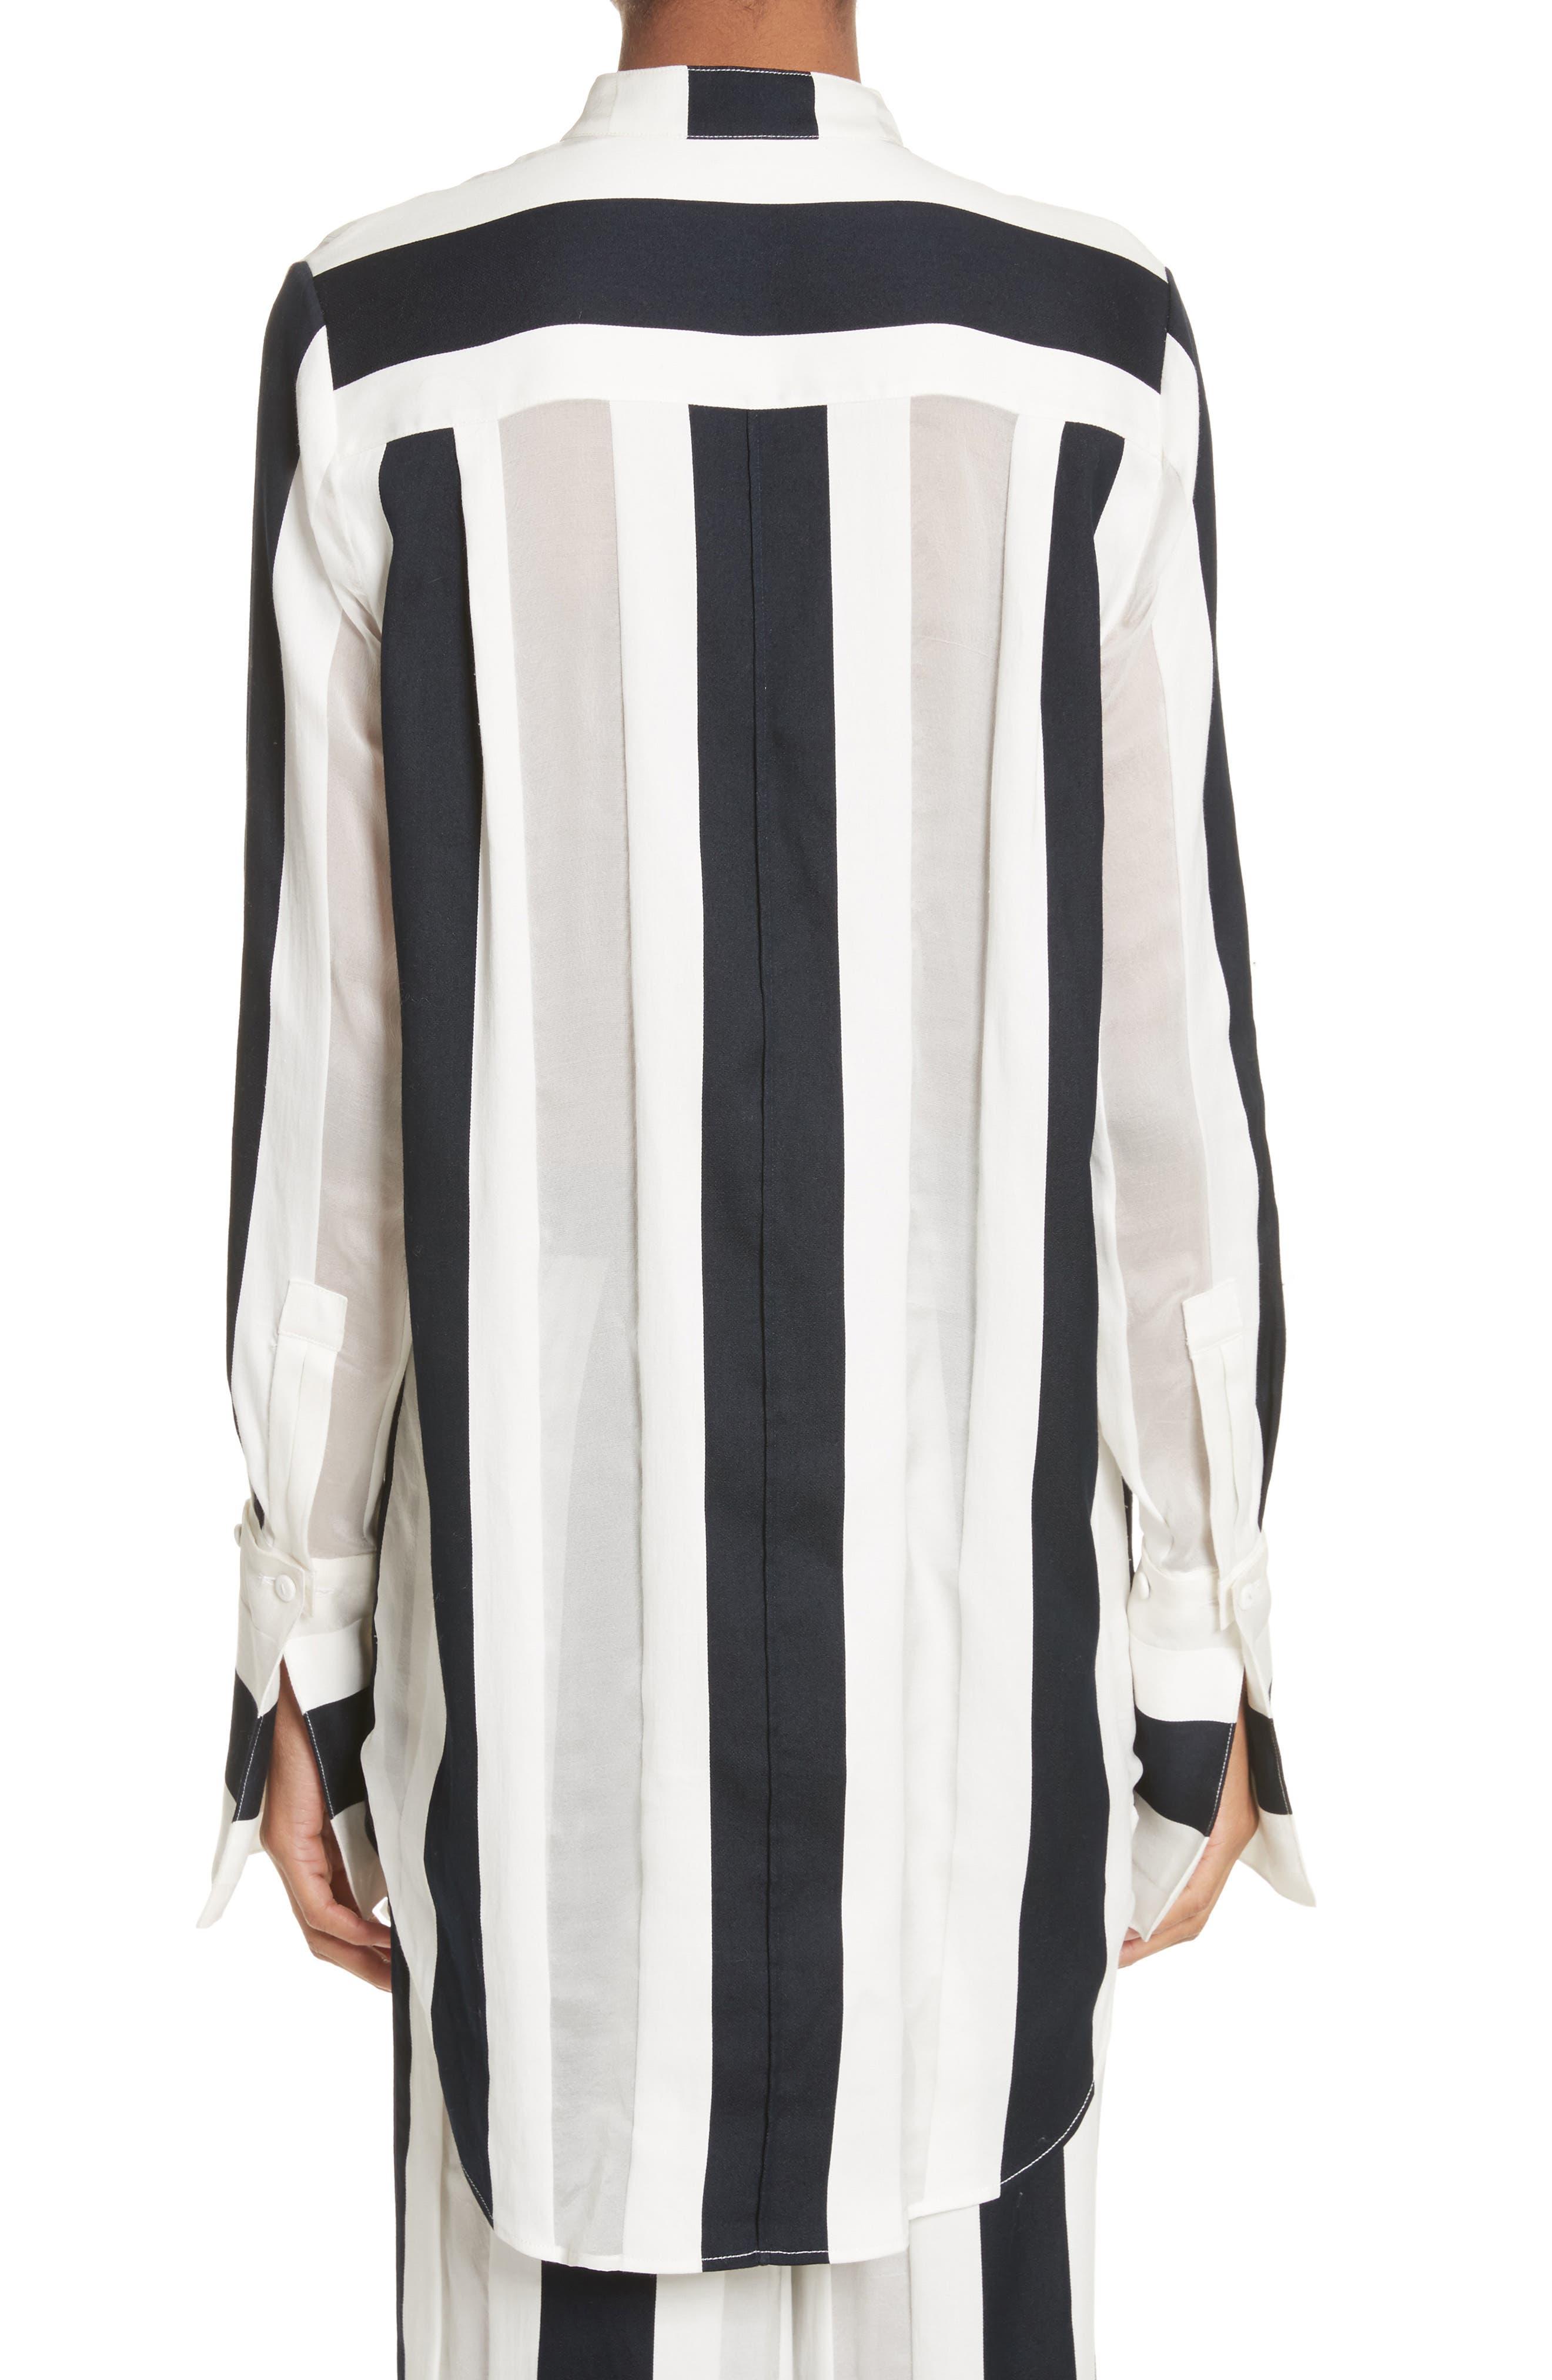 Cotton & Silk Stripe Jacquard Blouse,                             Alternate thumbnail 2, color,                             Black/ White